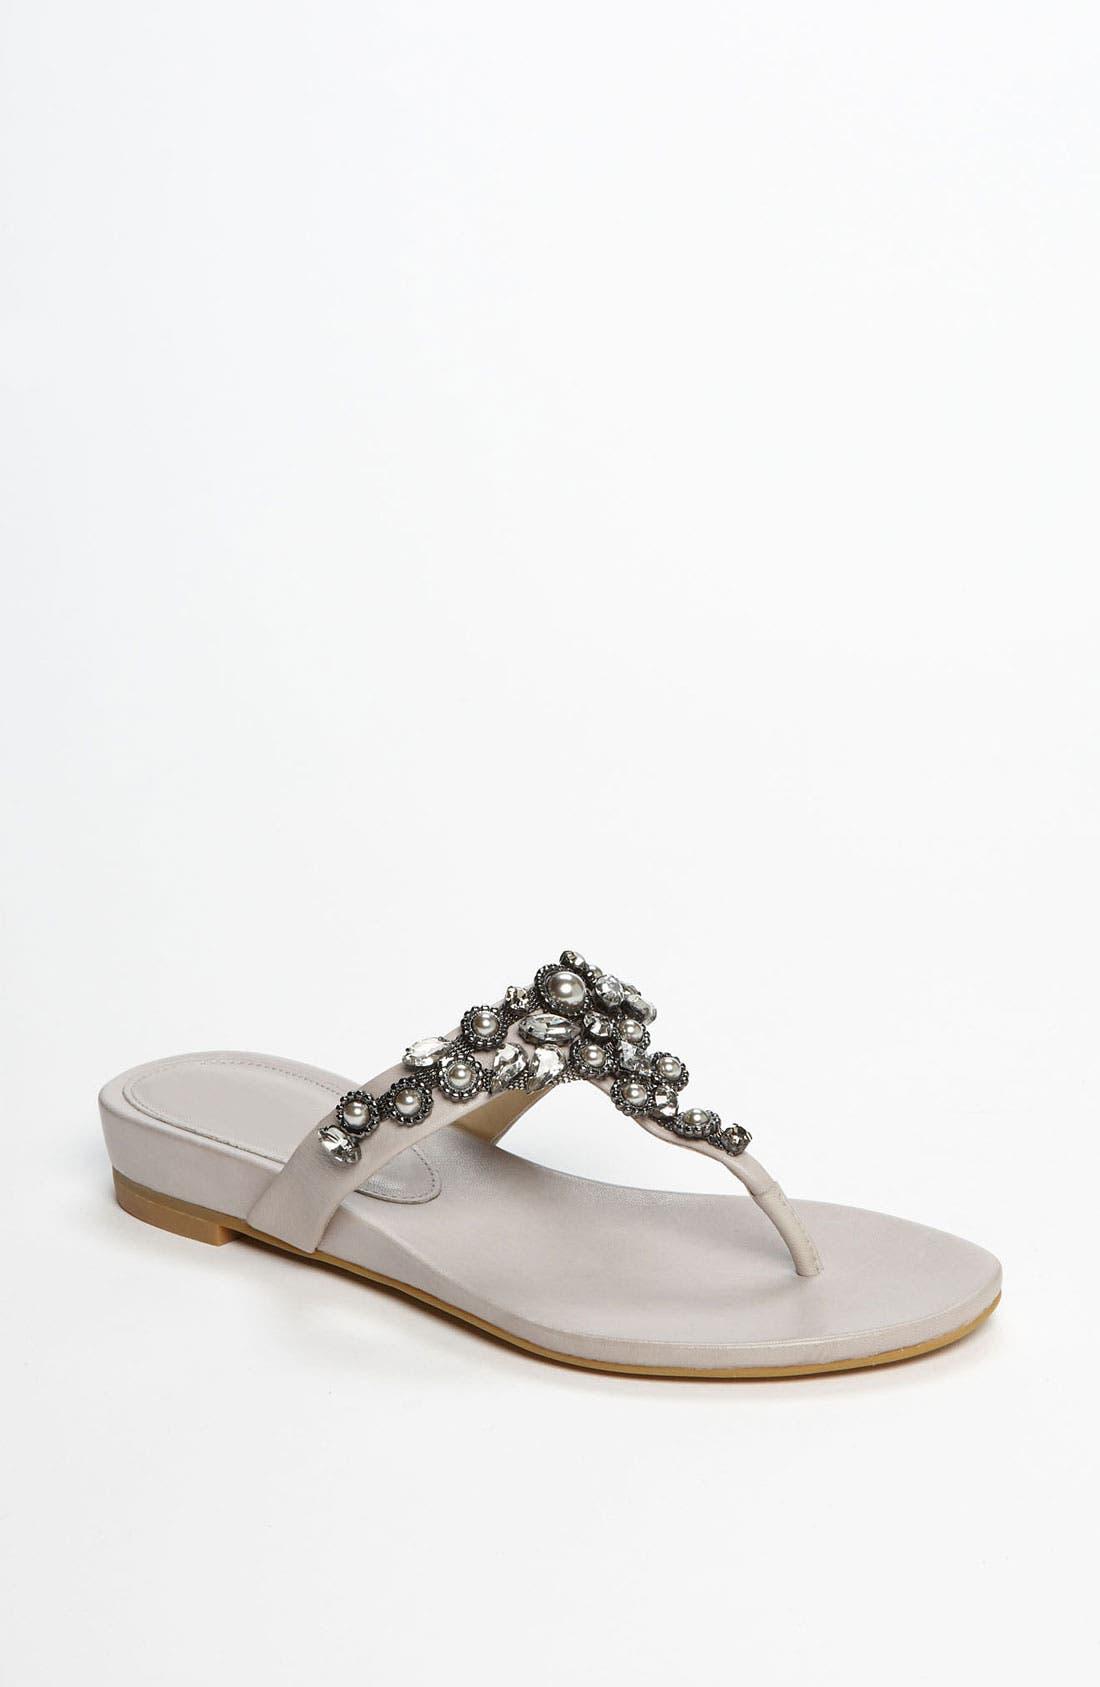 Main Image - Vera Wang Footwear 'Benji' Sandal